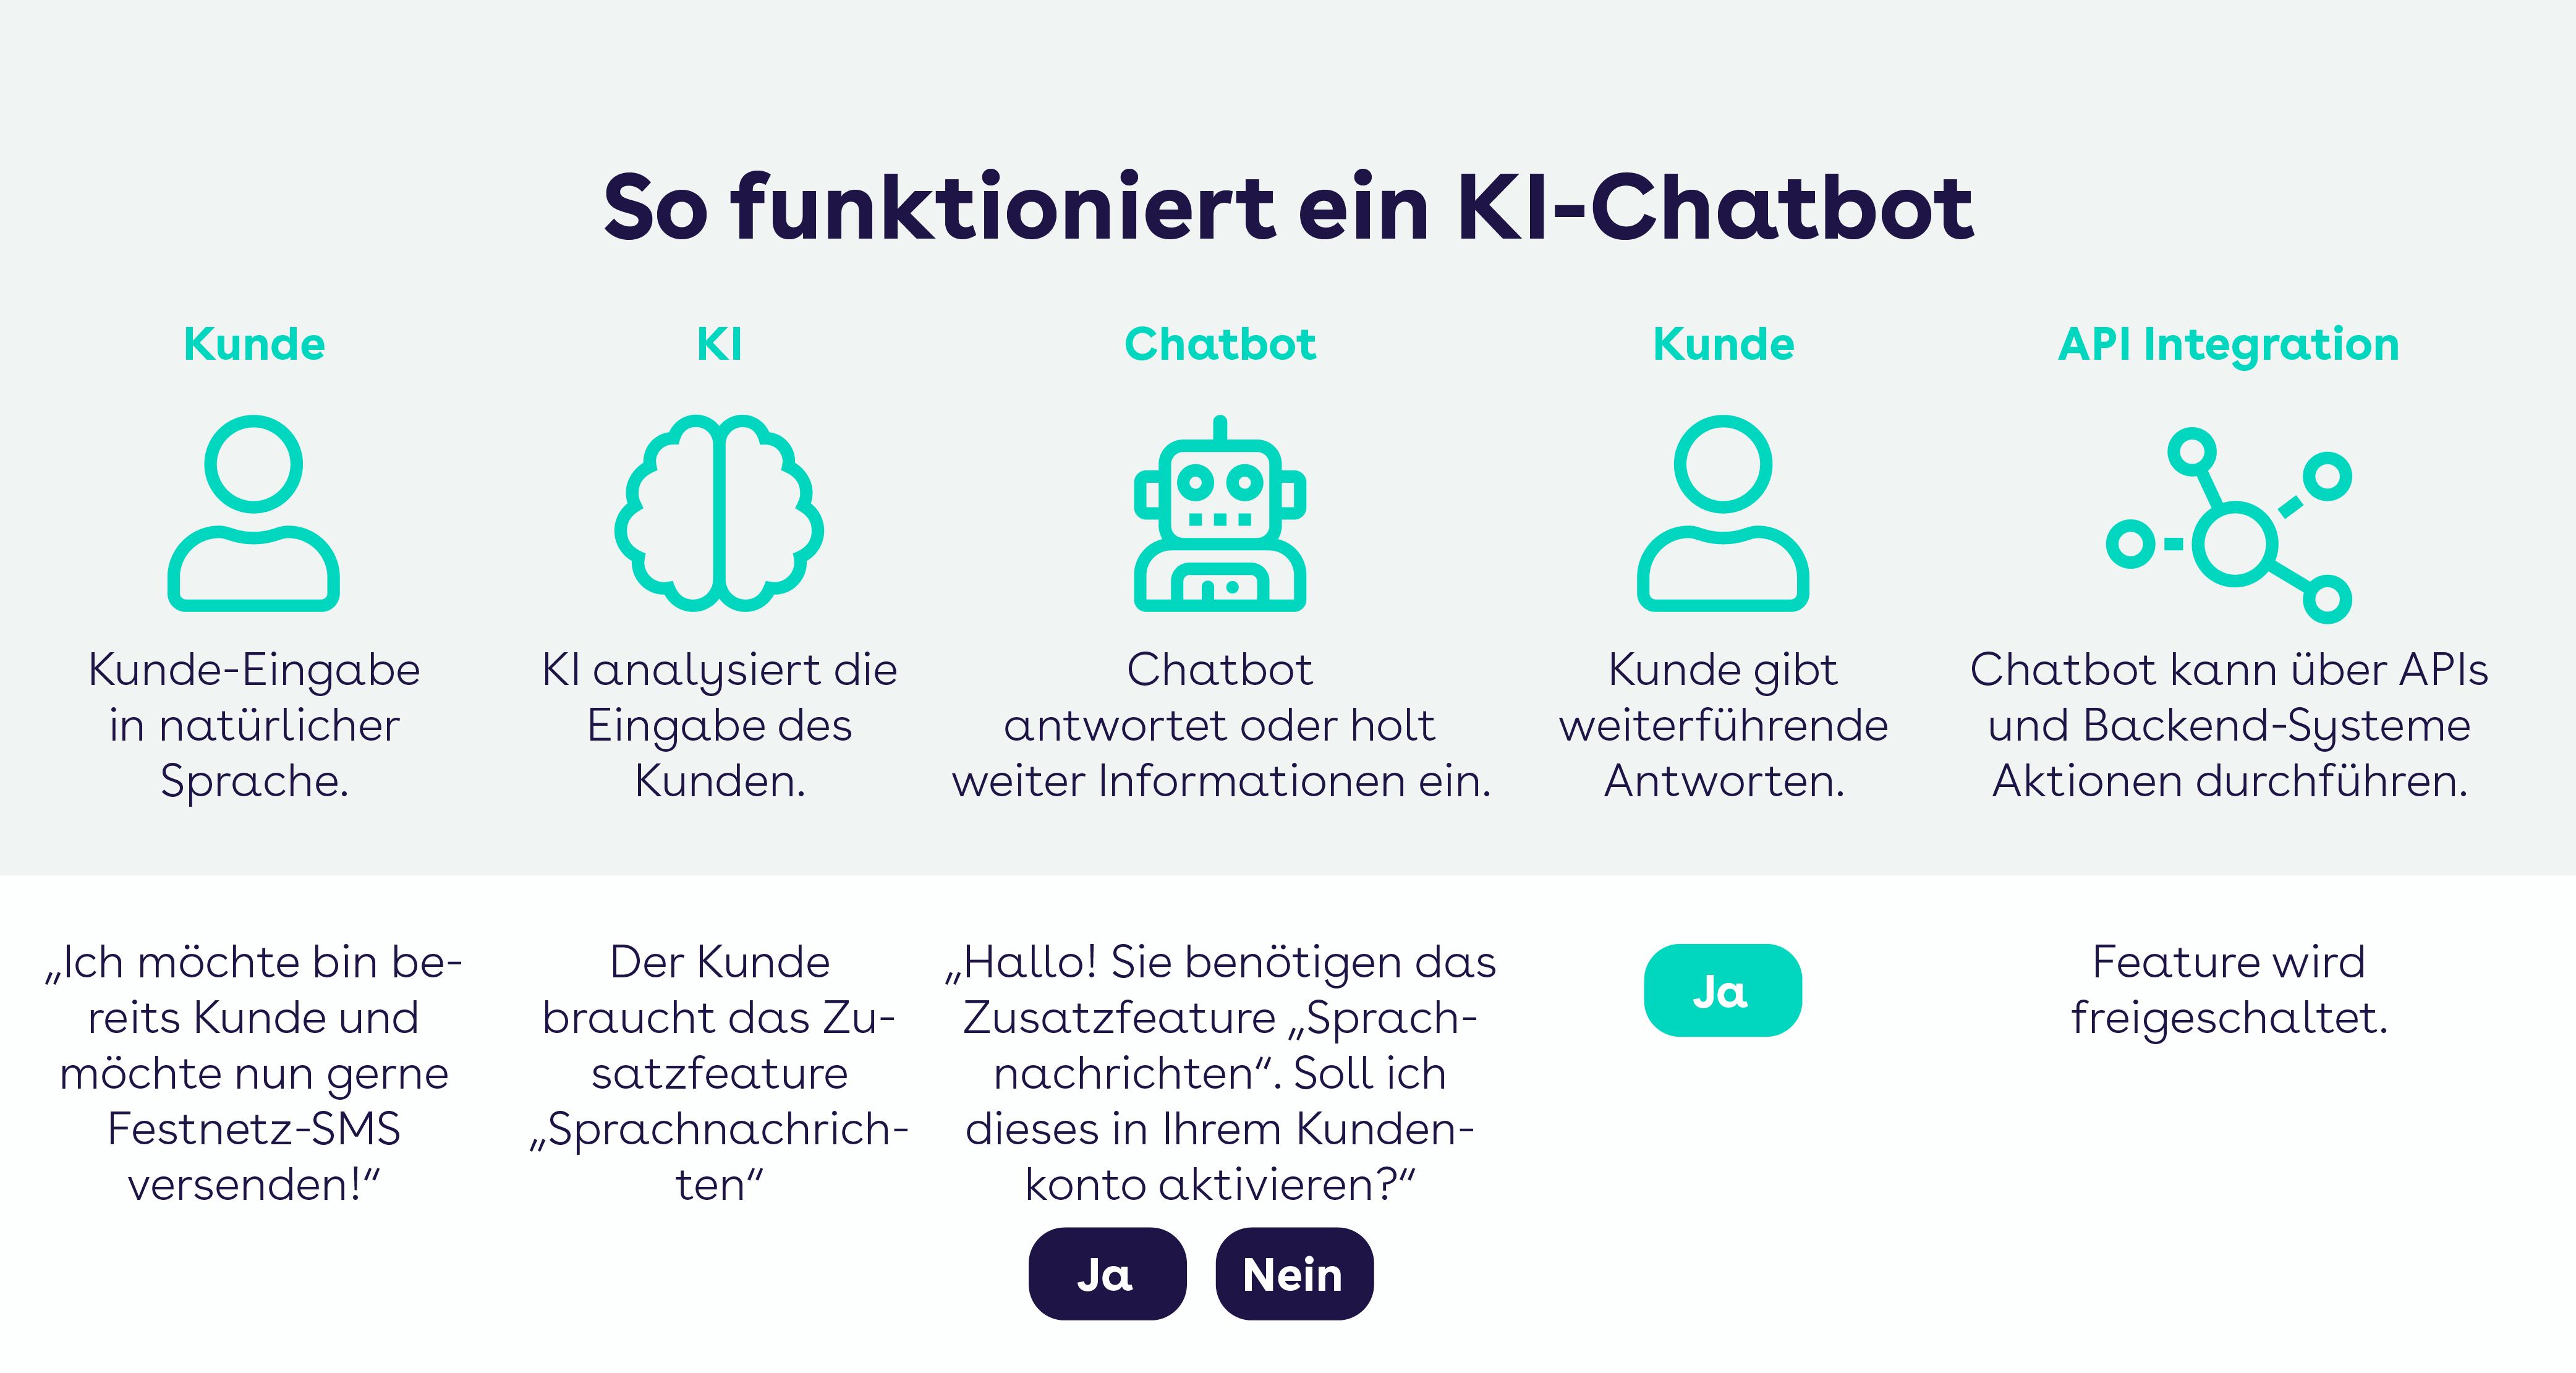 websms - so funktioniert ein KI Chatbot